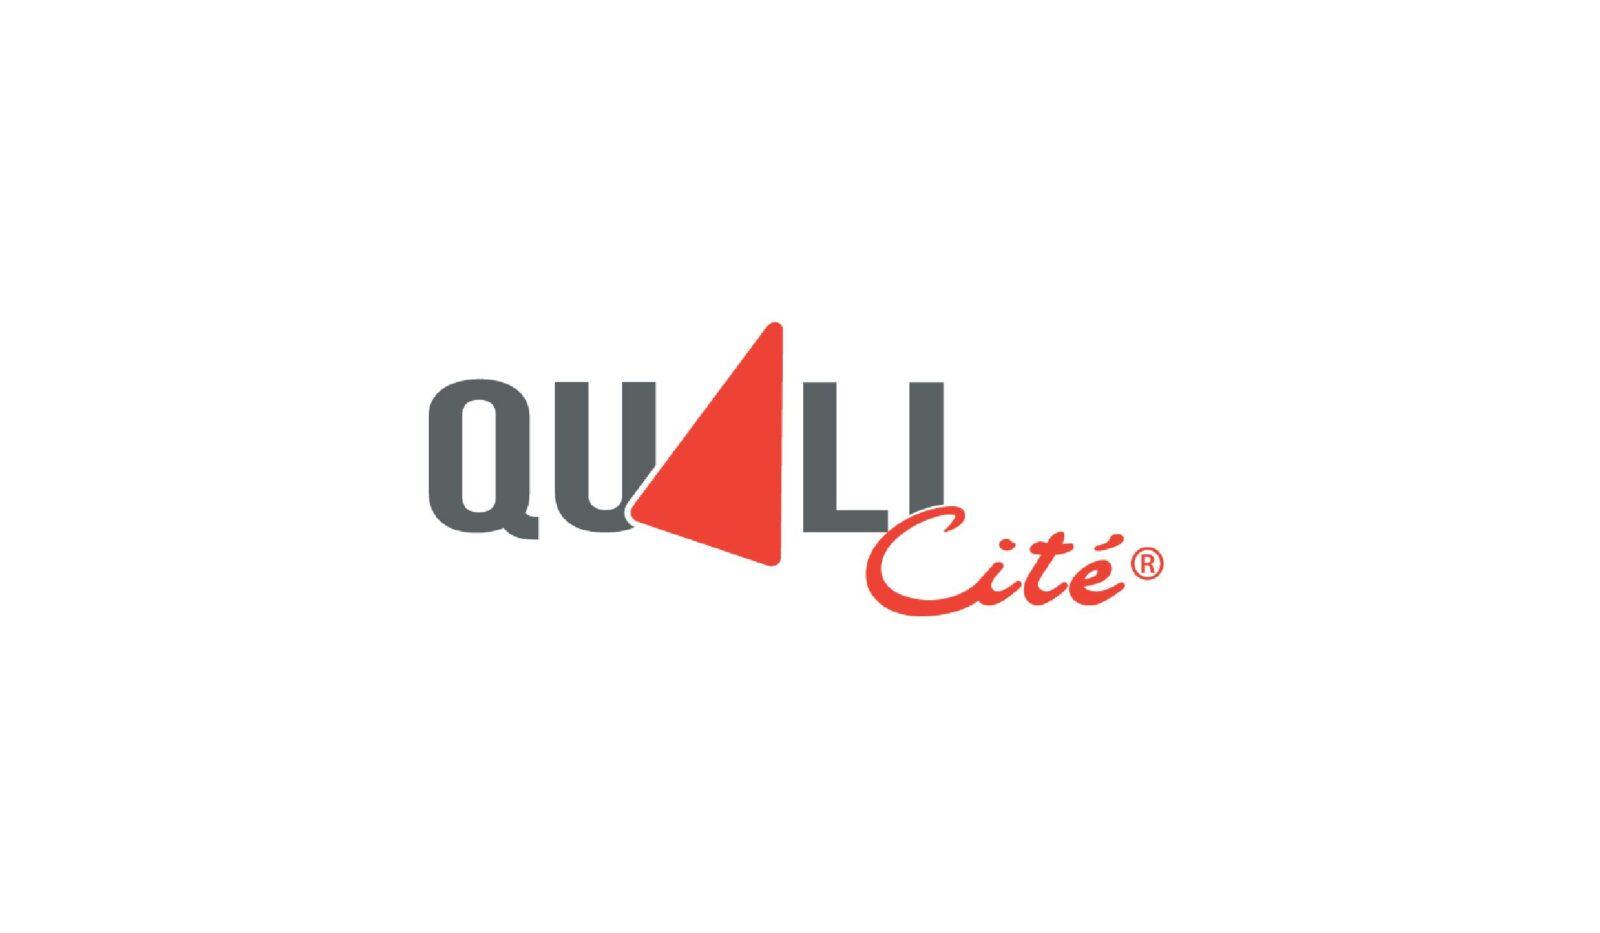 https://www.ccifrance-allemagne.fr/wp-content/uploads/2021/06/qualicite2-scaled.jpg